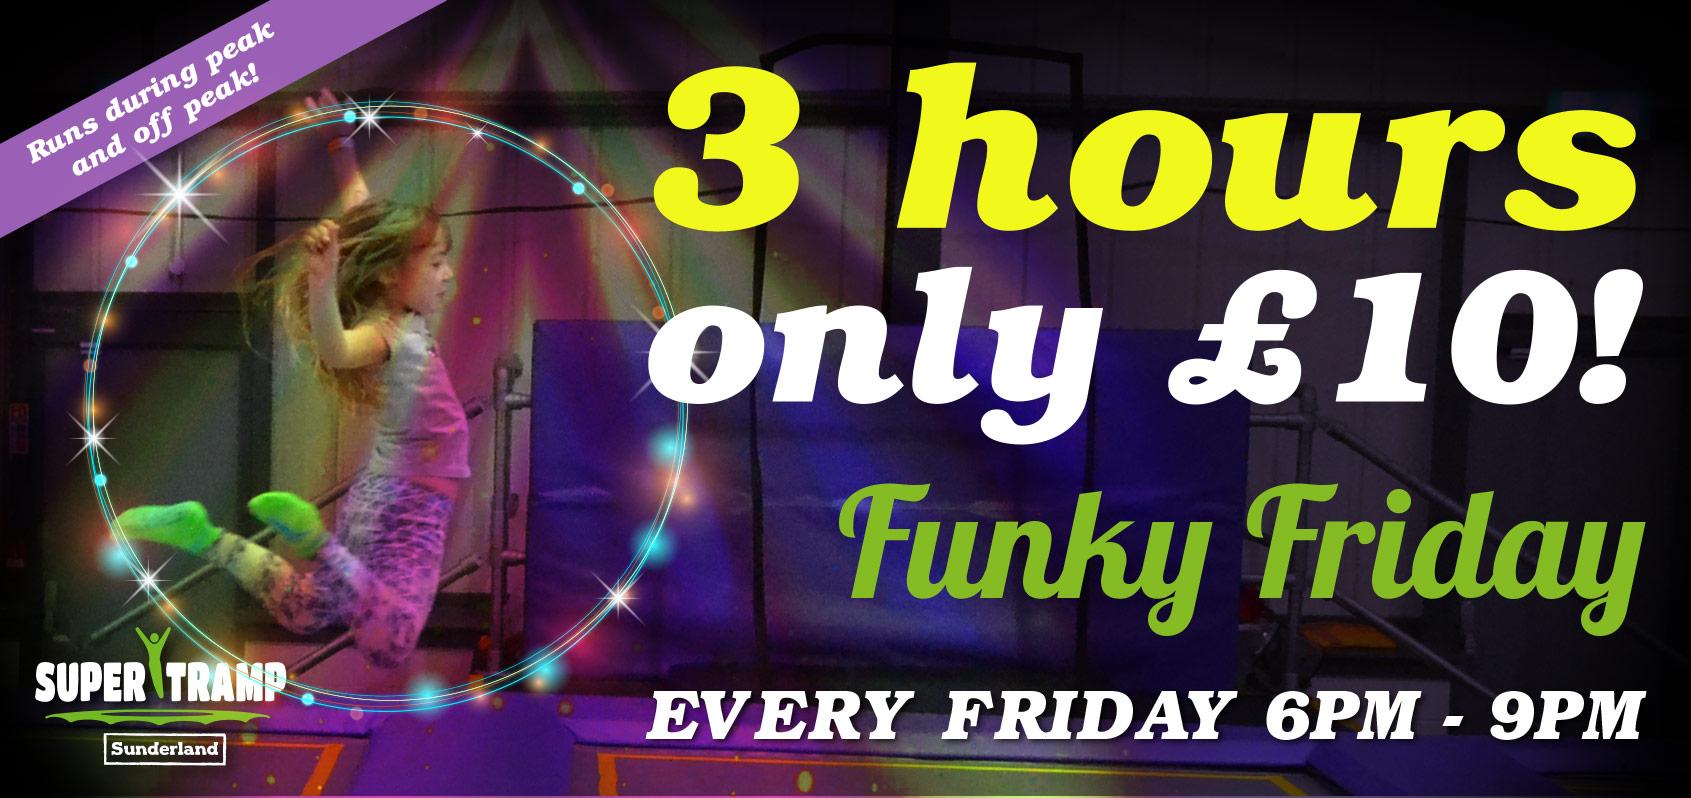 Funky-Fridayv7-STS.jpg